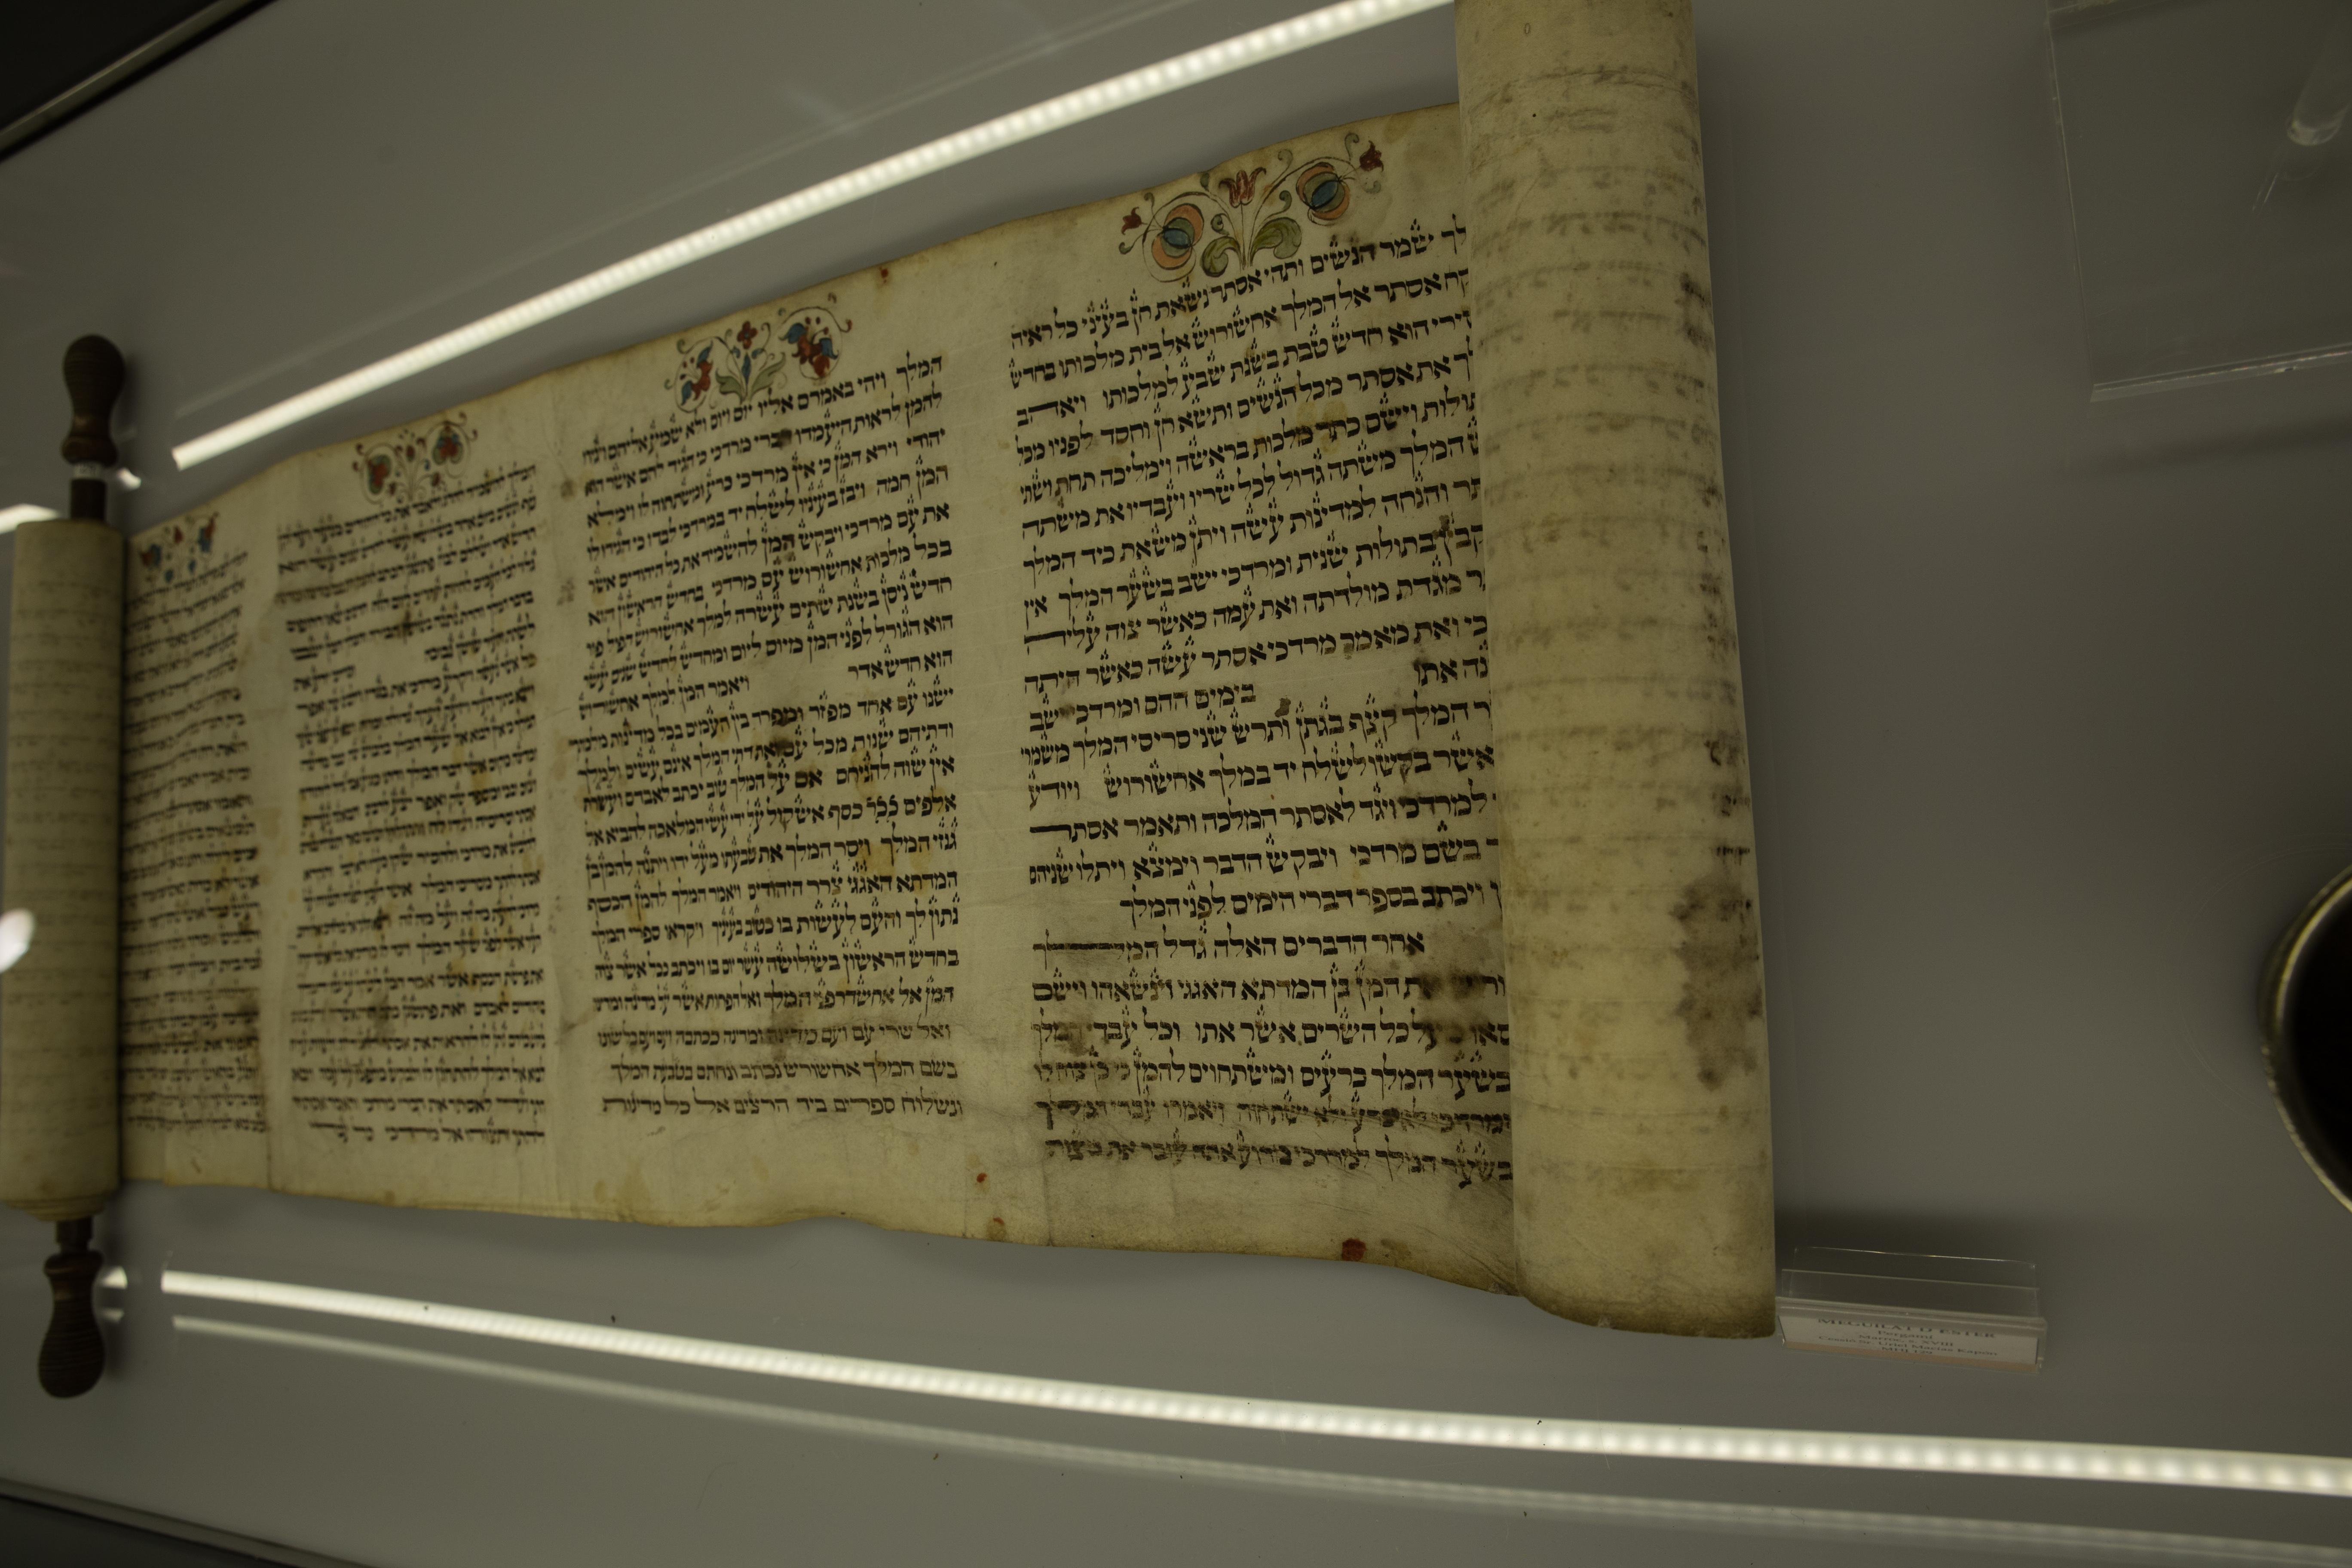 עפר גדנקן ספר תורה מוזיאון ספרד